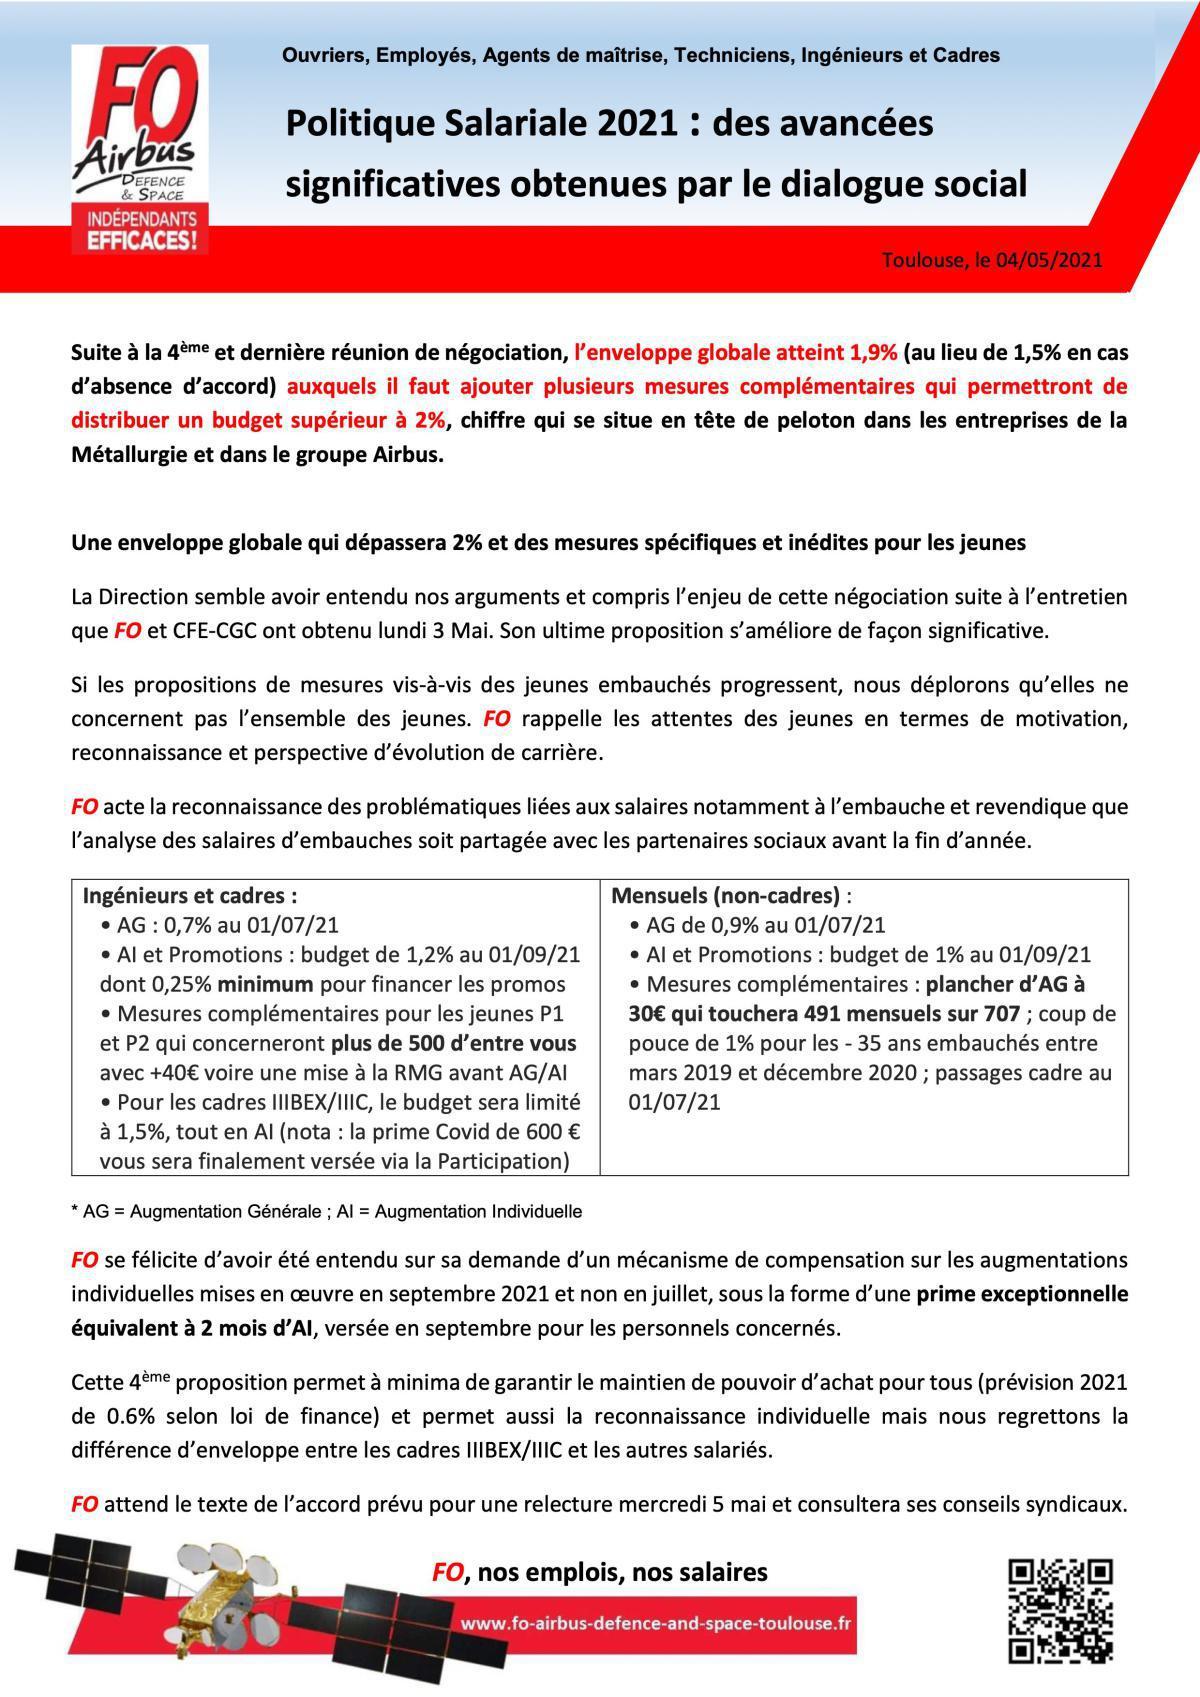 Politique Salariale 2021 : des avancées significatives obtenues par le dialogue social